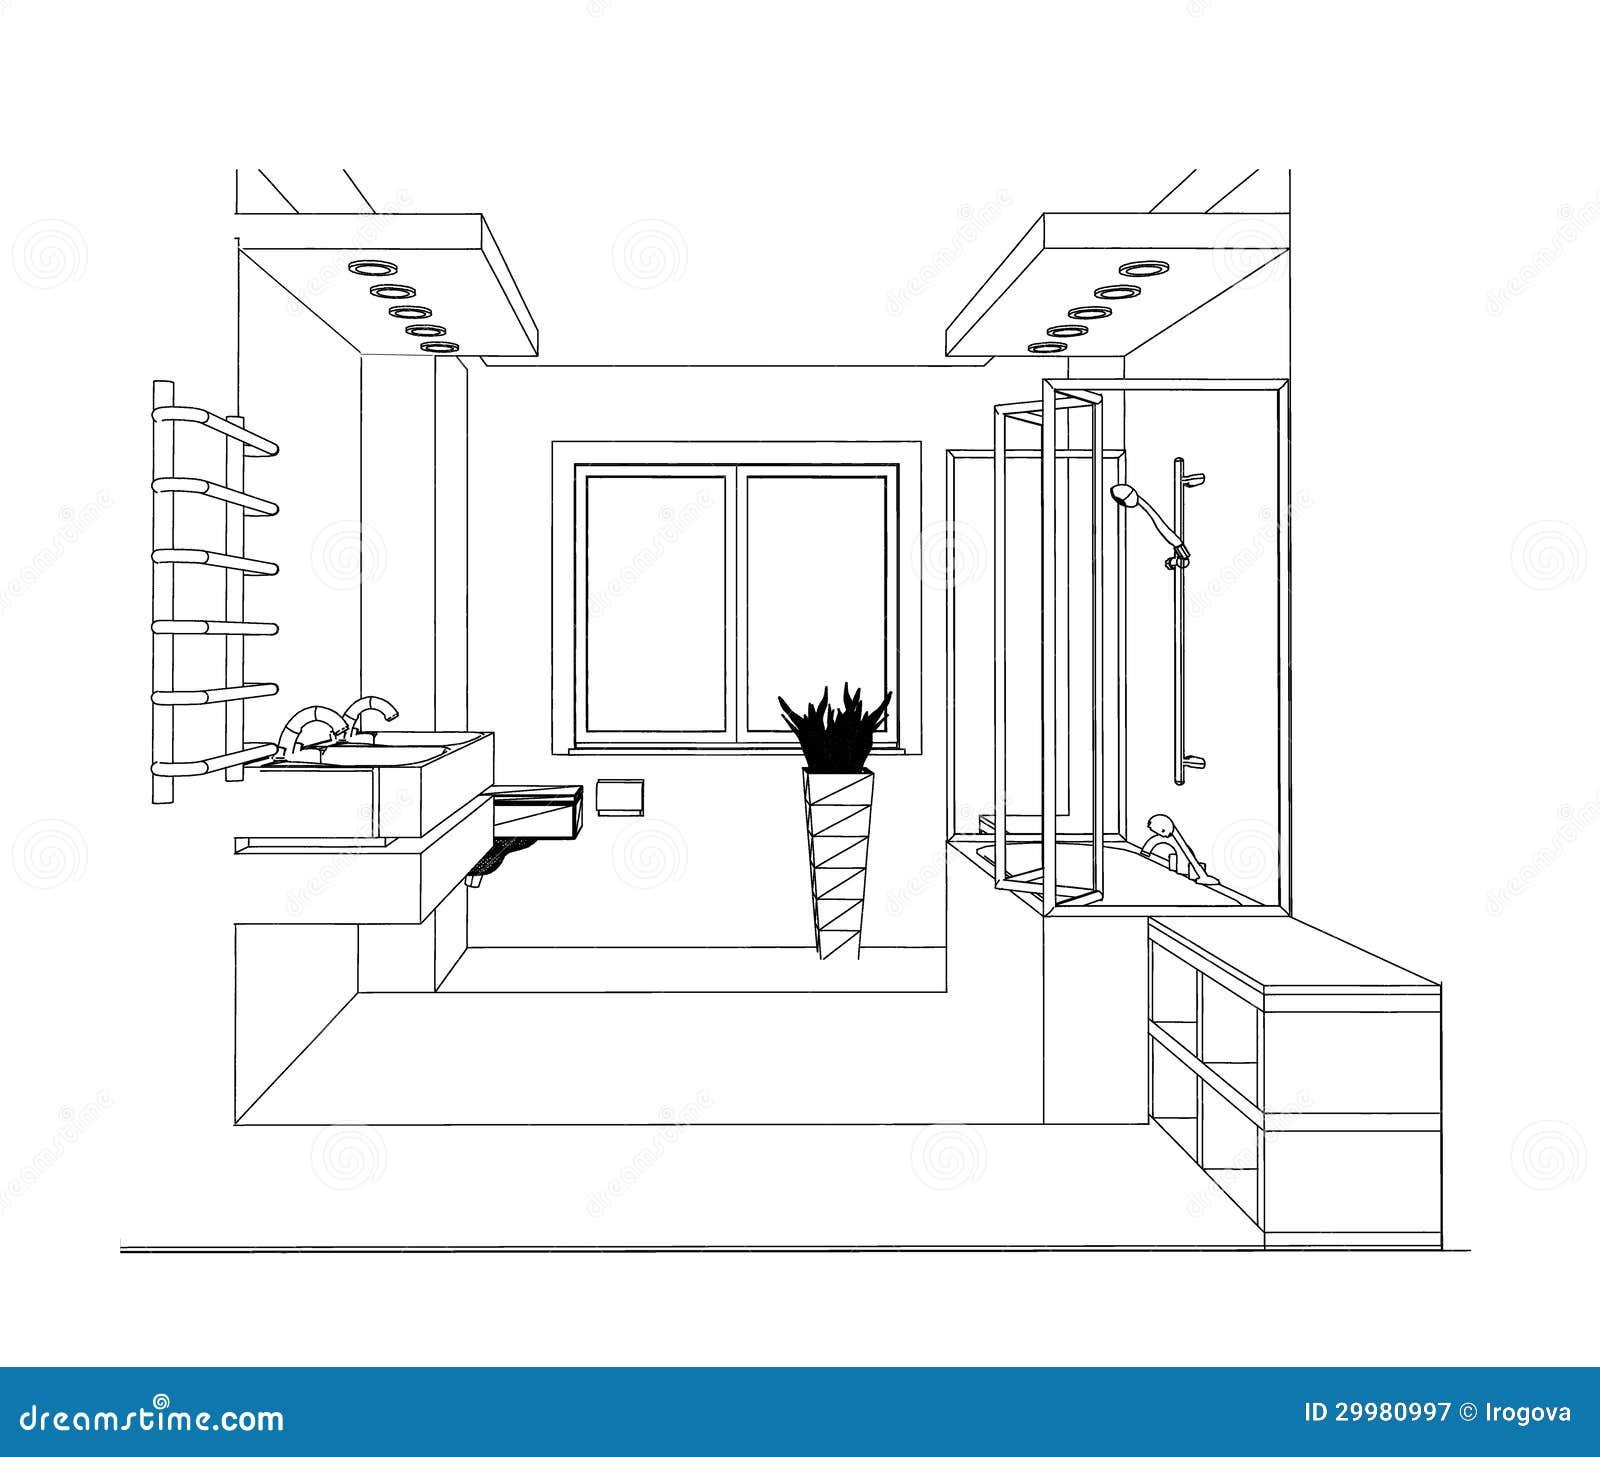 salle de bains de croquis image stock image du patrimoine 29980997. Black Bedroom Furniture Sets. Home Design Ideas